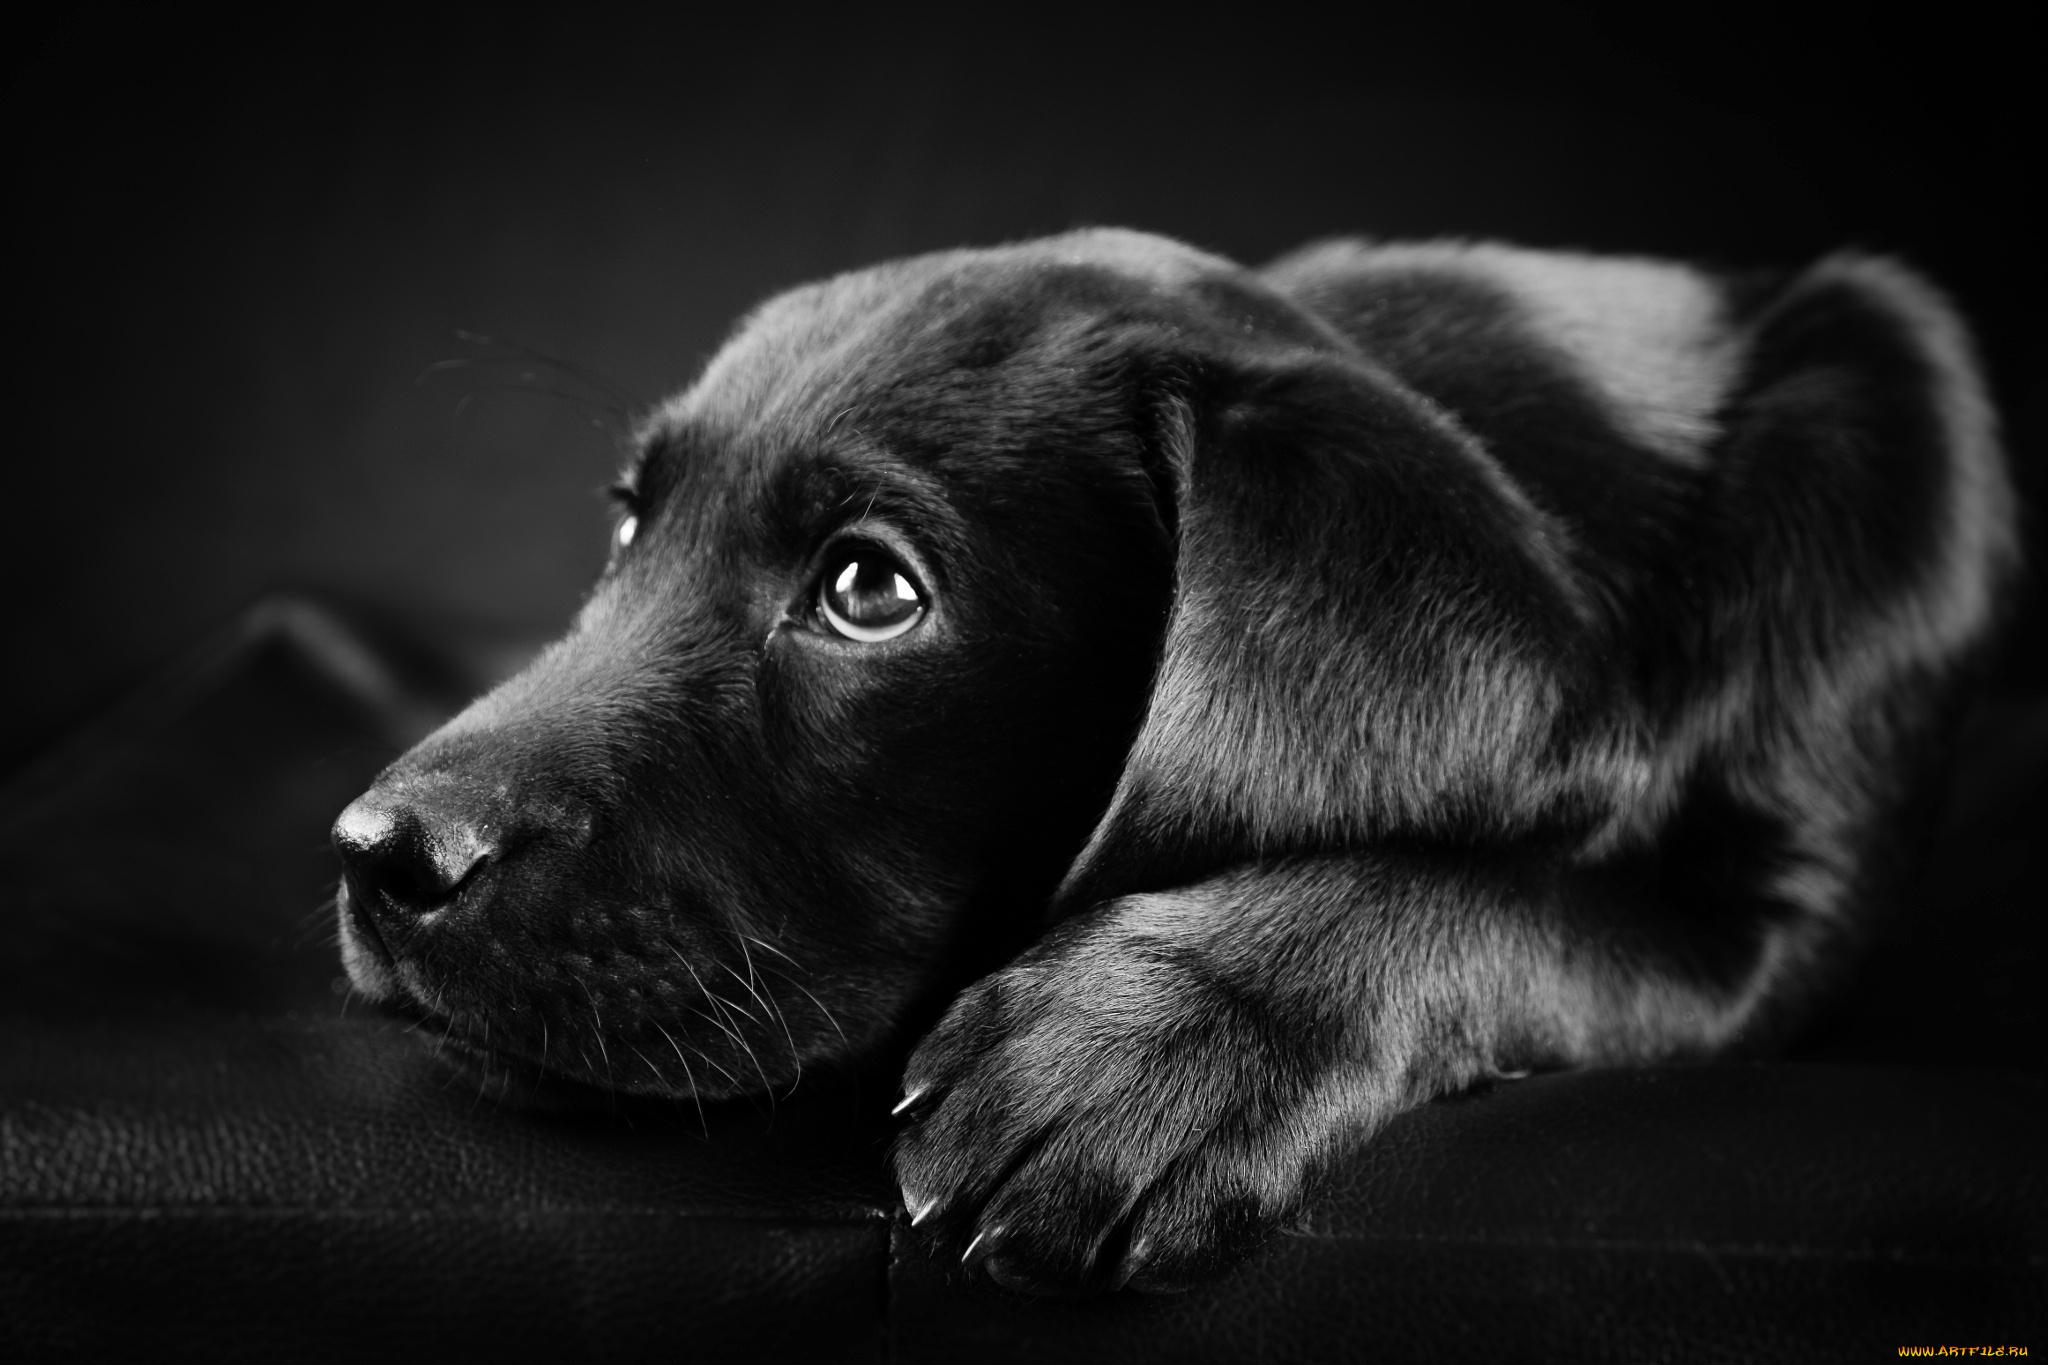 Черно-белый пес на полу  № 1157278 бесплатно